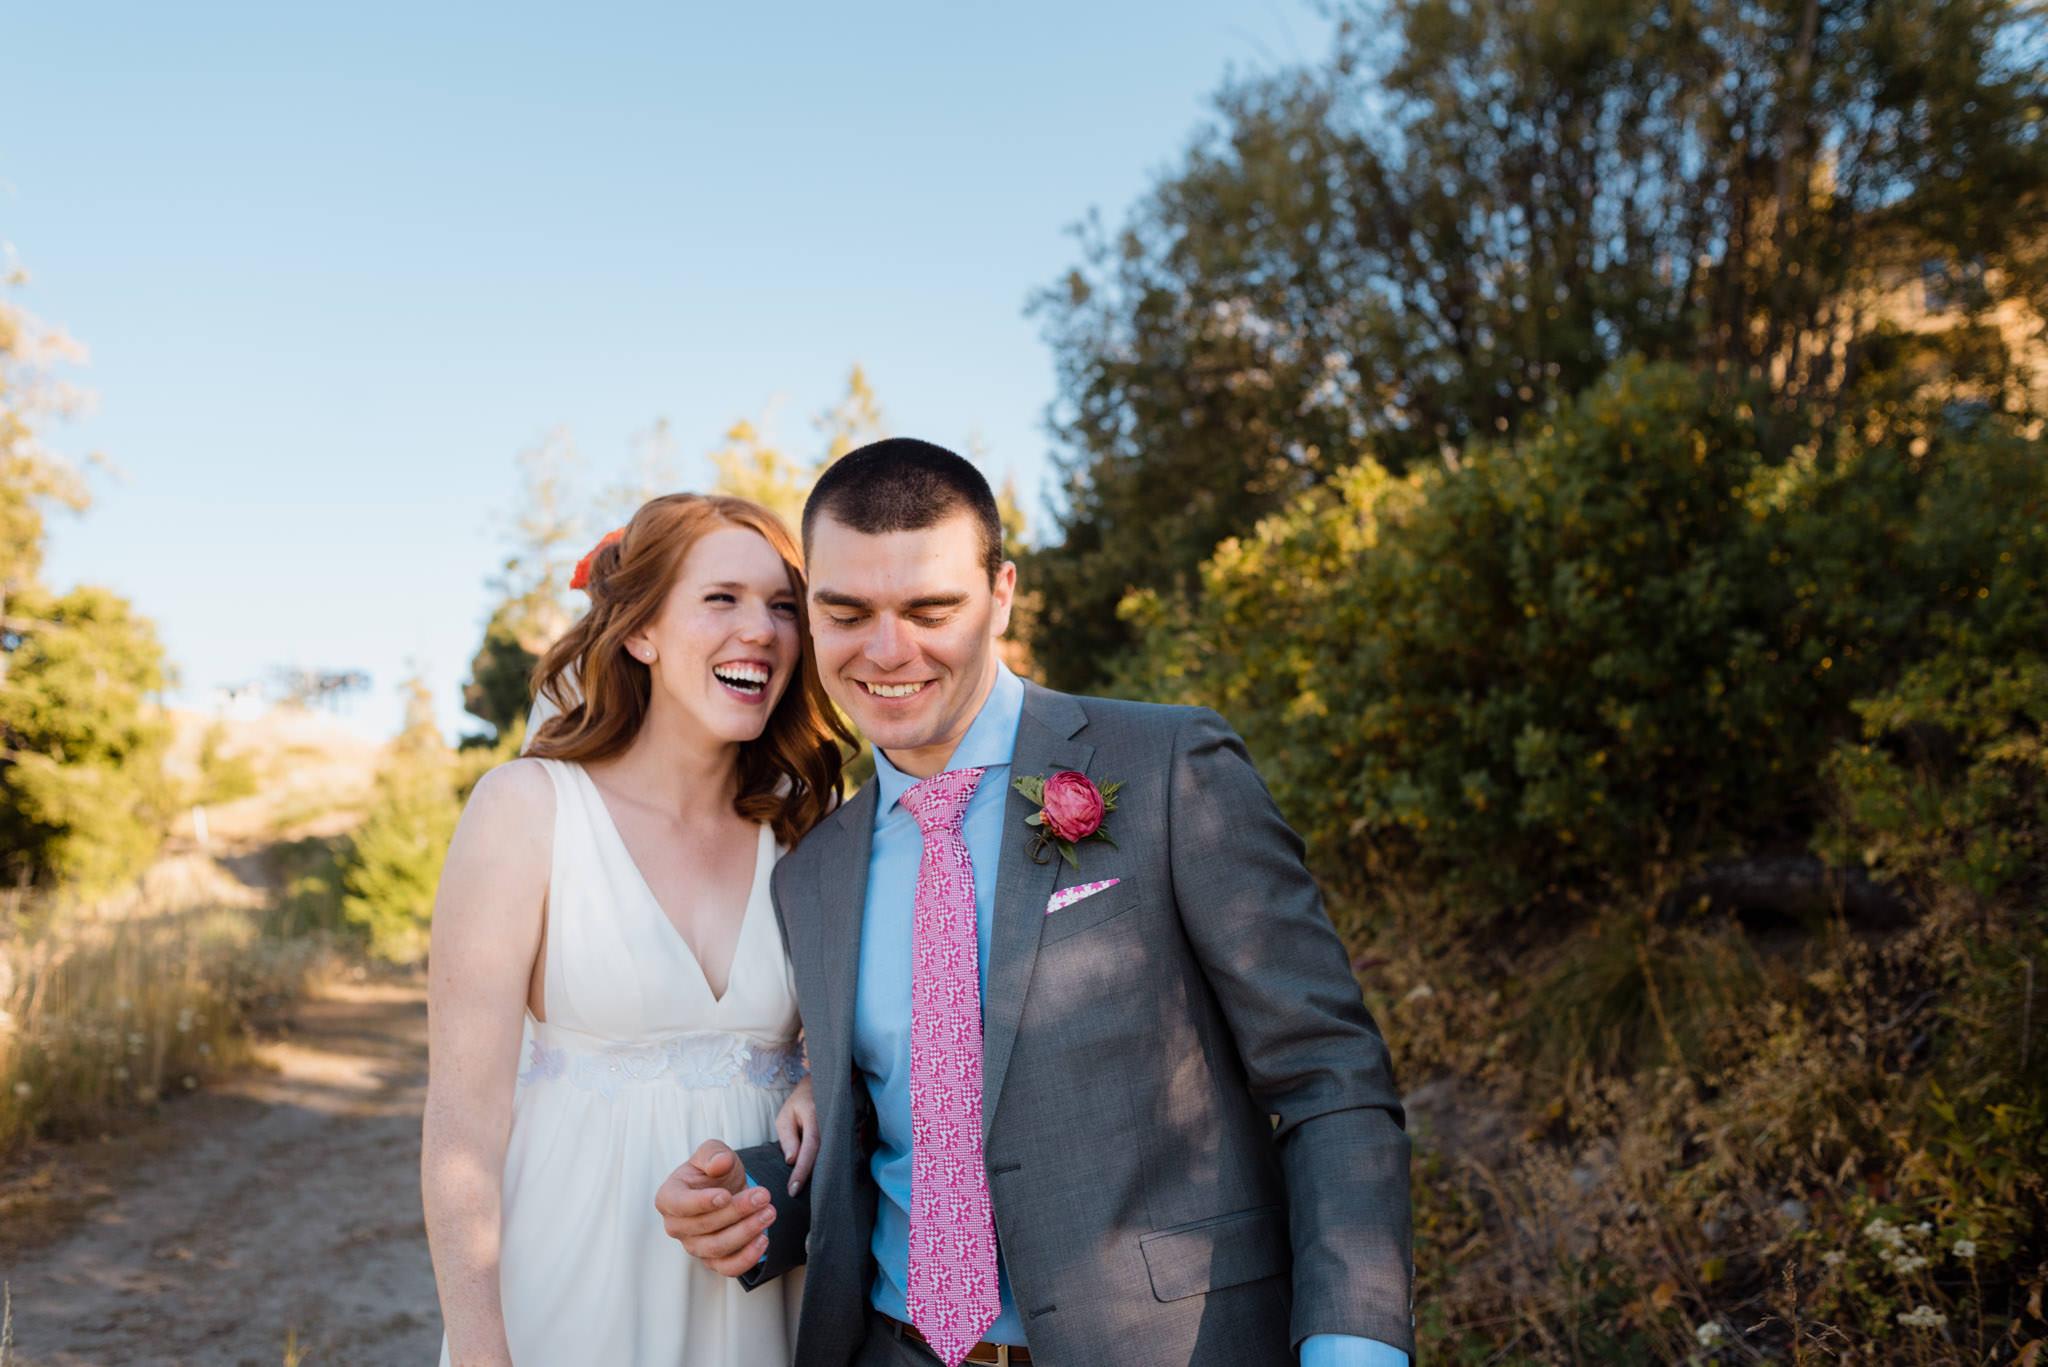 Zilla Photography - Bogus Basin Idaho Outdoor Summer DIY Wedding-12.jpg